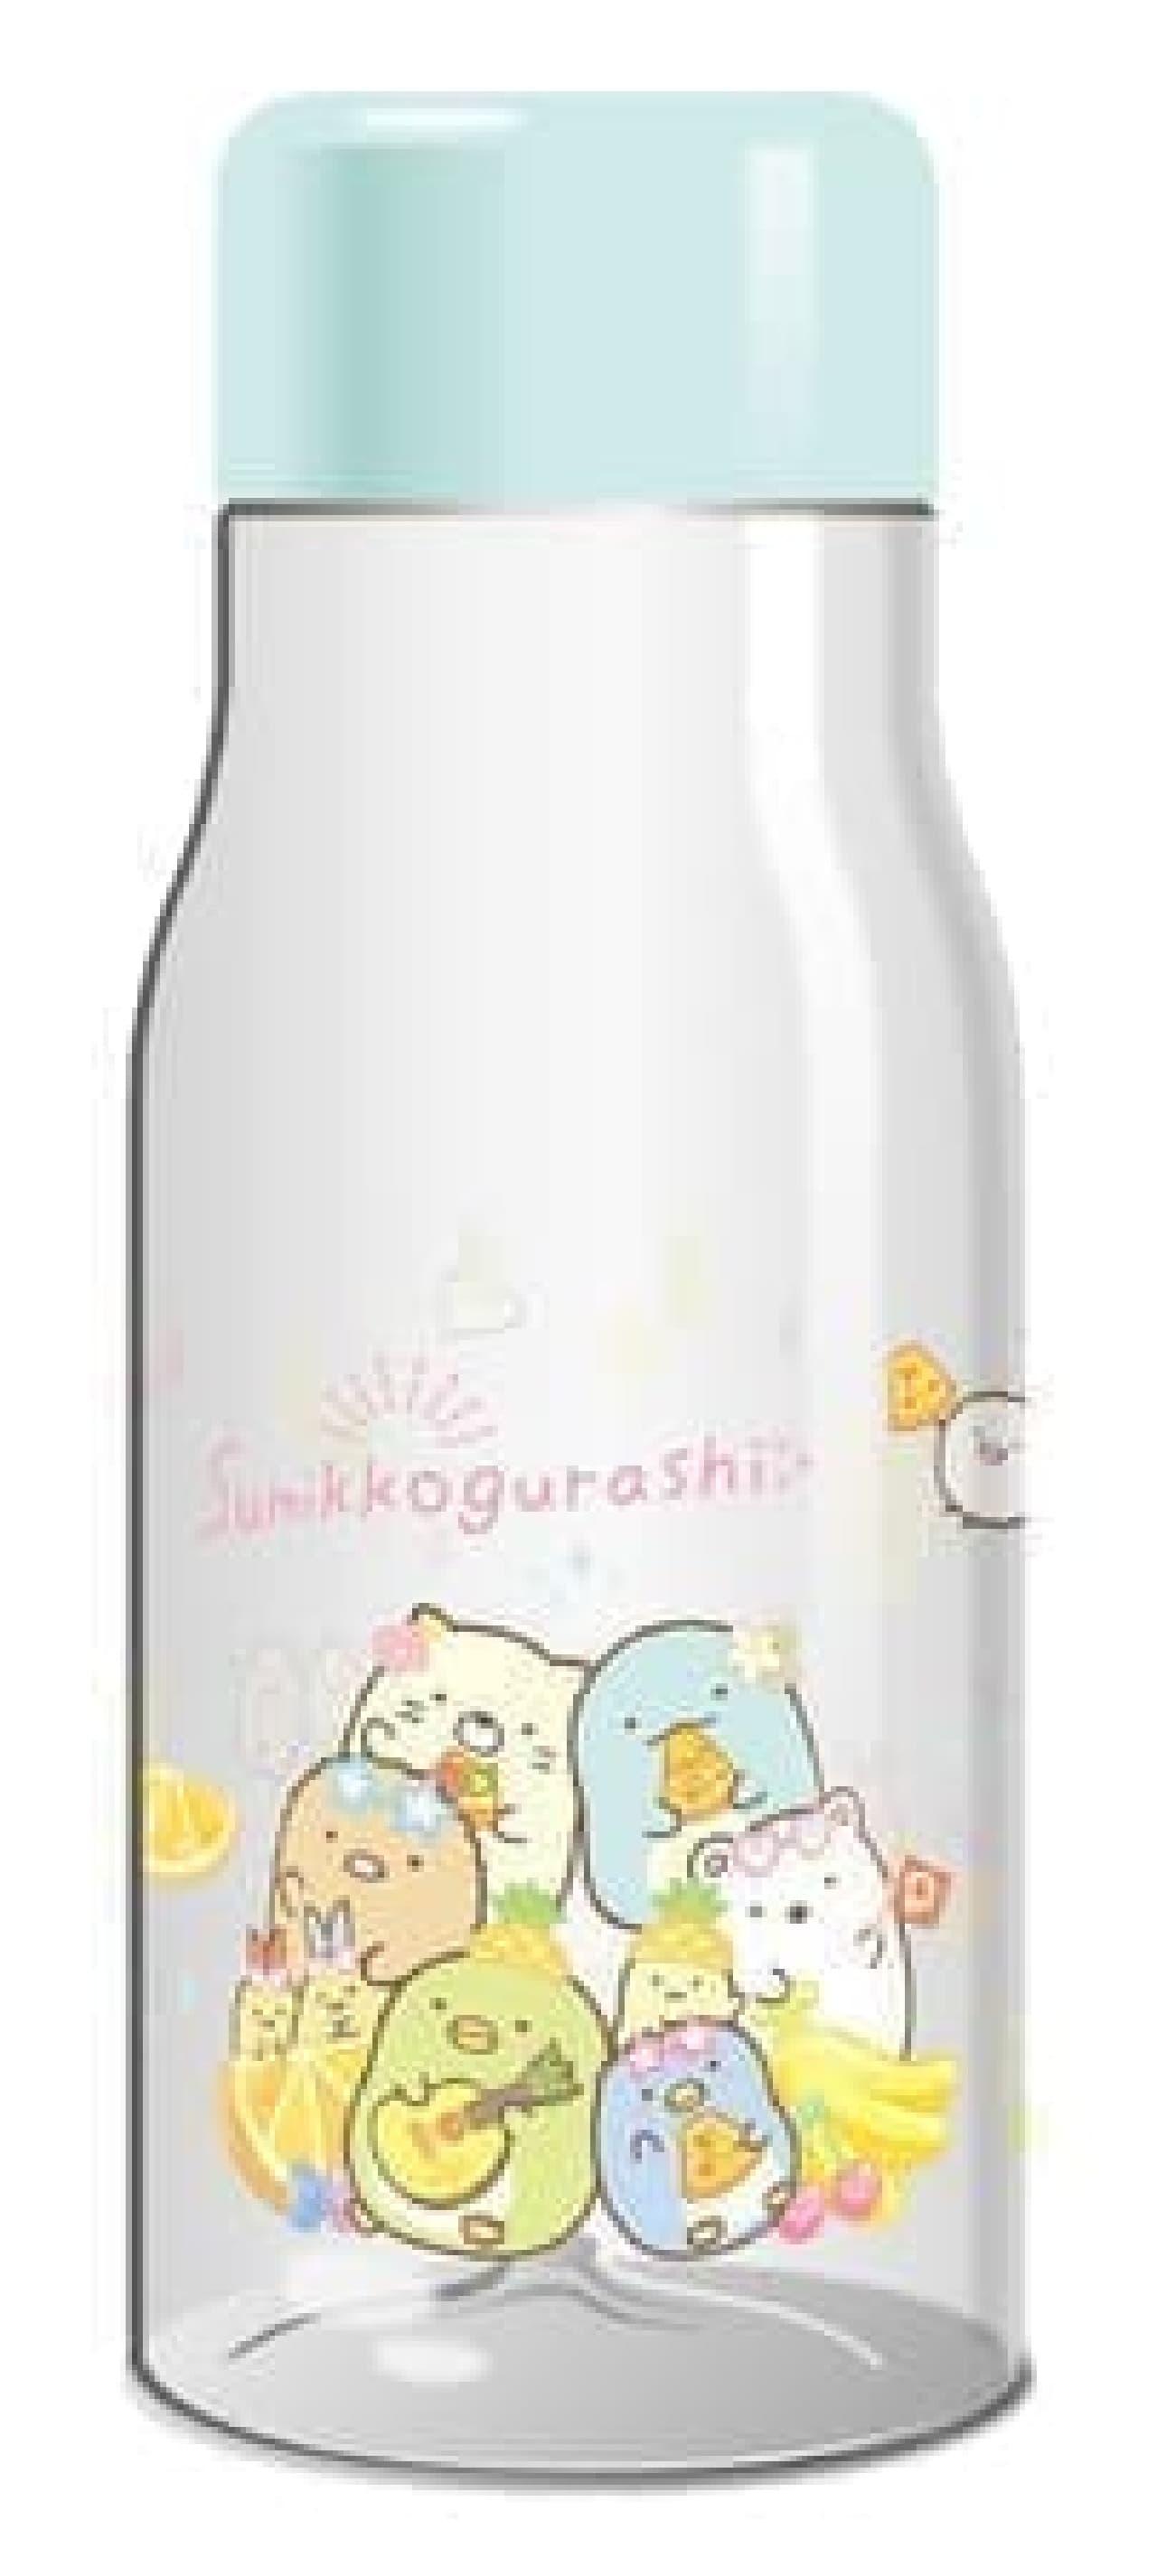 ピザーラ「すみっコぐらし スペシャルパック」プラス220円でクリアボトル&シール